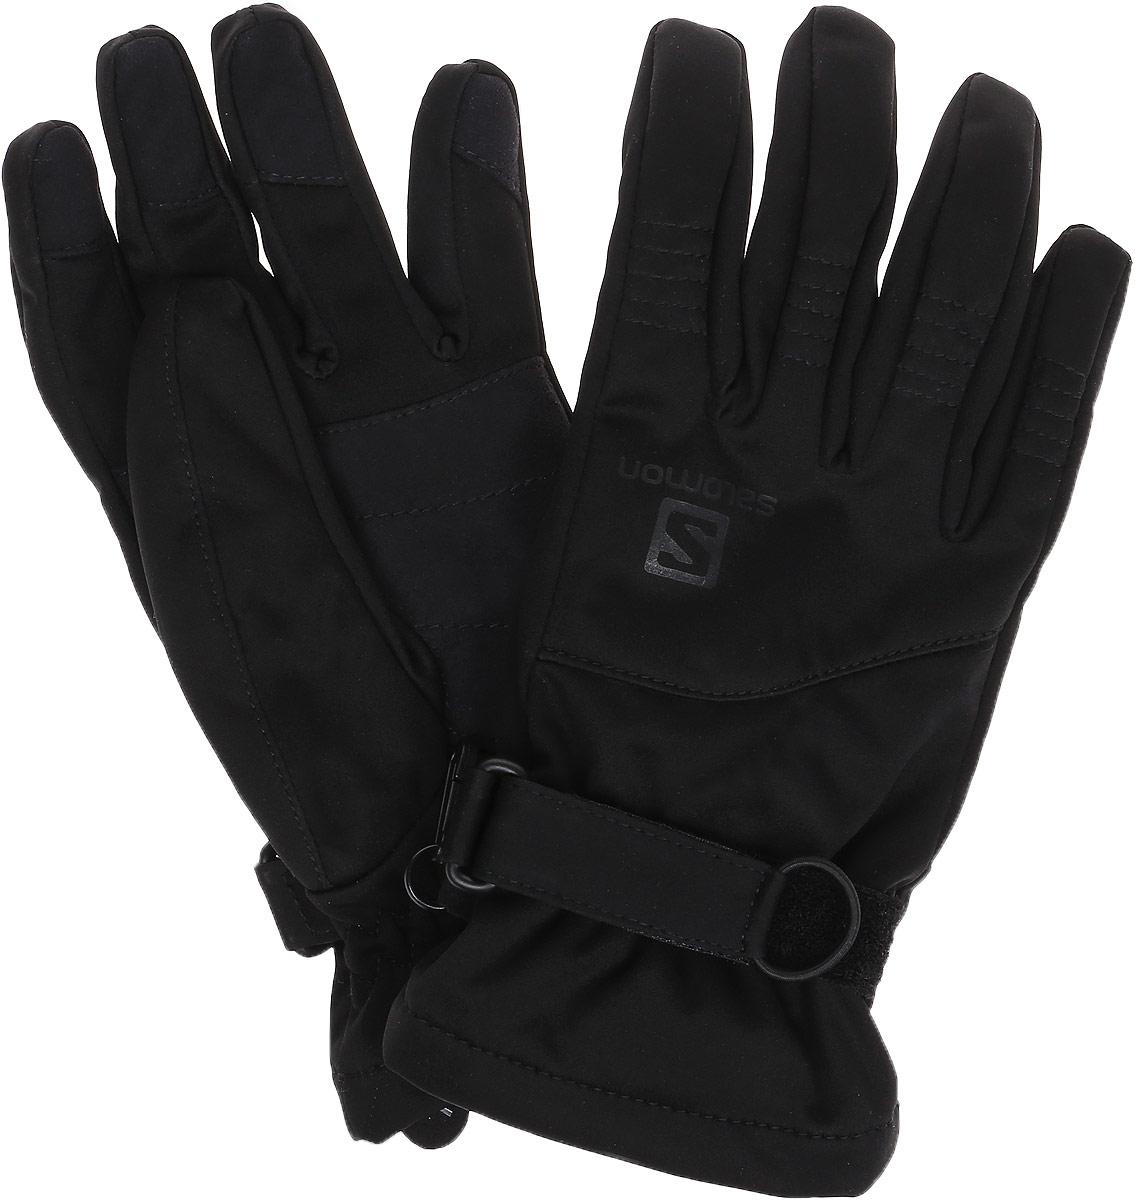 Перчатки Salomon Gloves Hybrid U, цвет: черный. L37564900. Размер XL (9,5)L37564900HYBRID GLOVE — сильно утепленные перчатки для туристических походов, занятий спортом с умеренной нагрузкой, а также для повседневной носки зимой.